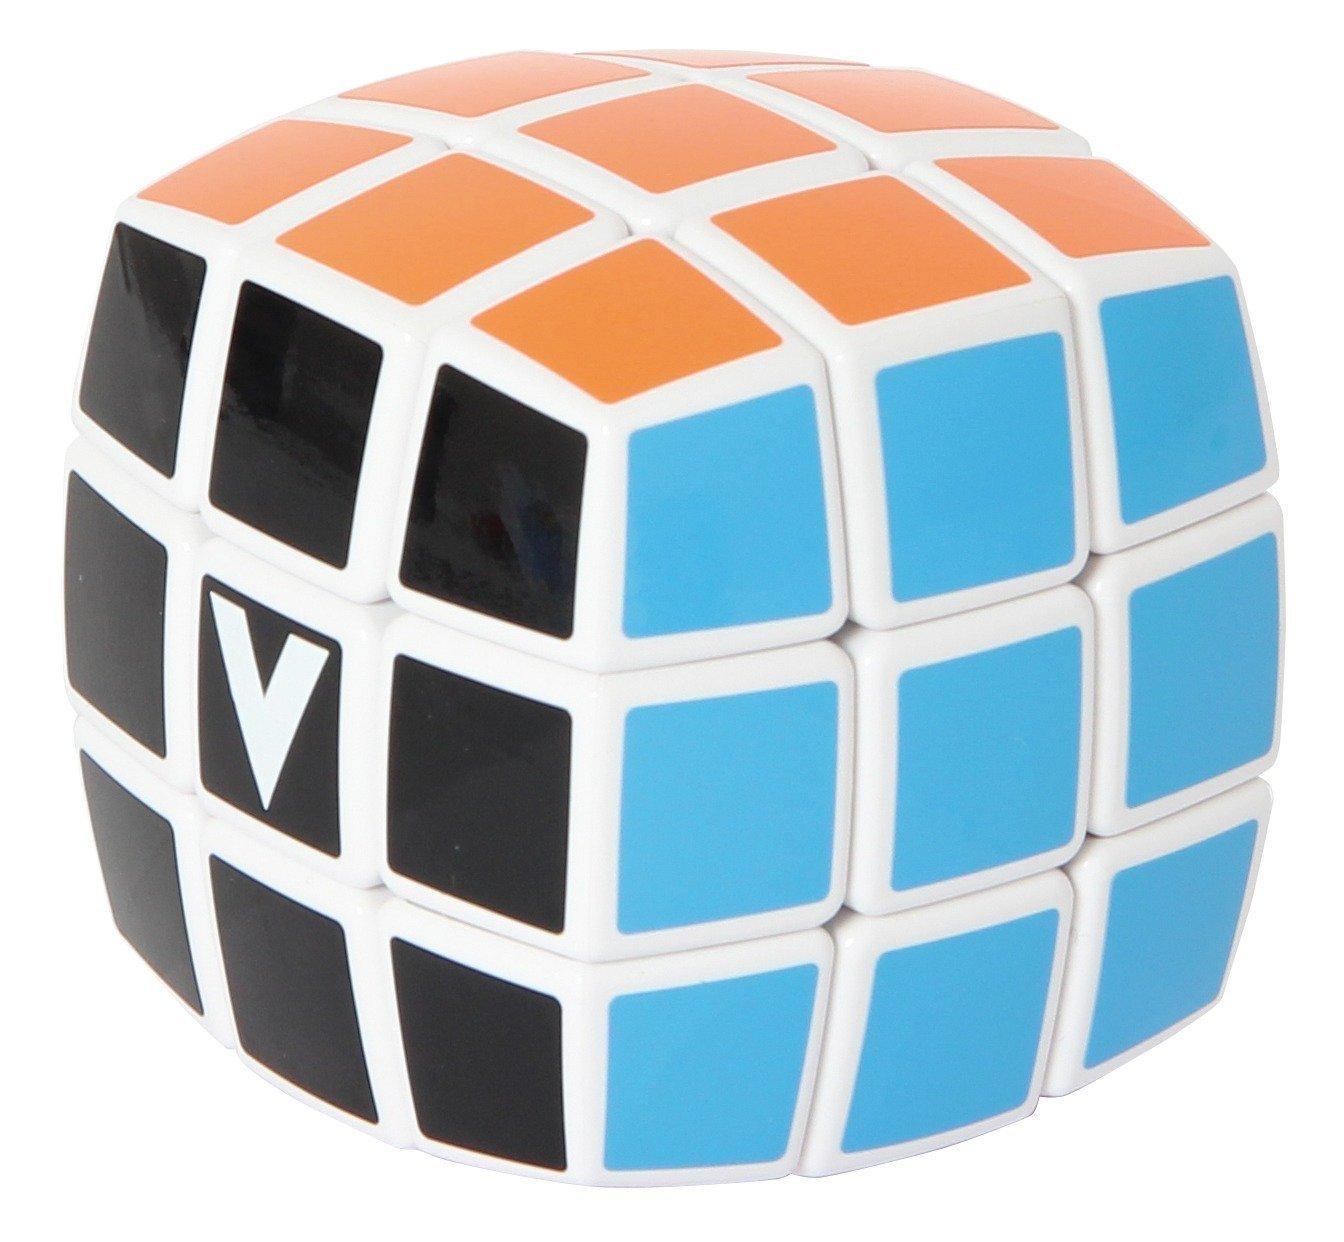 V Cube Cubo de Rubik Compudid